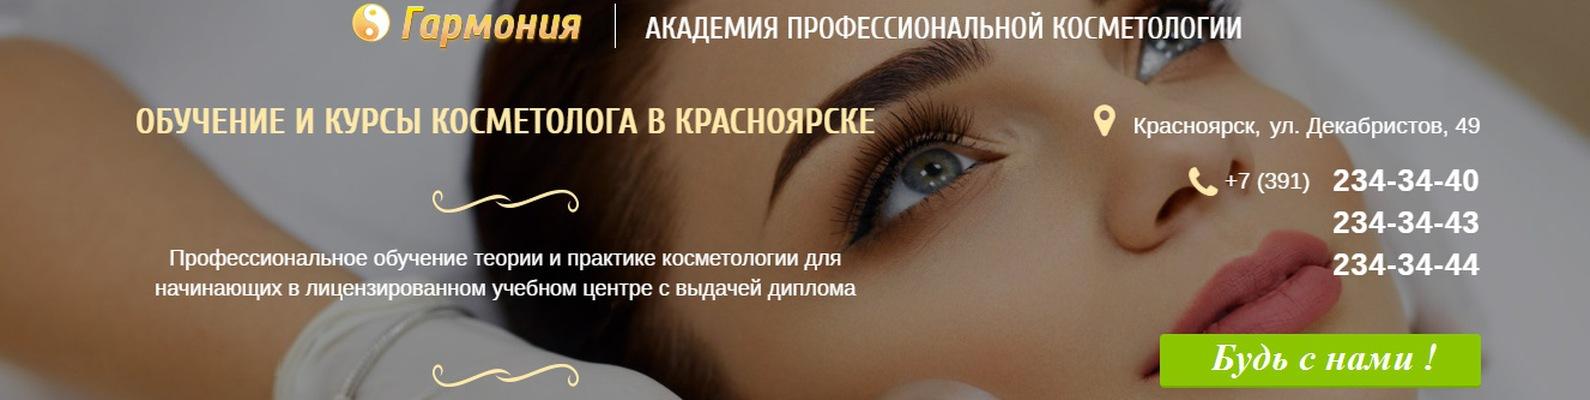 Косметология красноярск цены